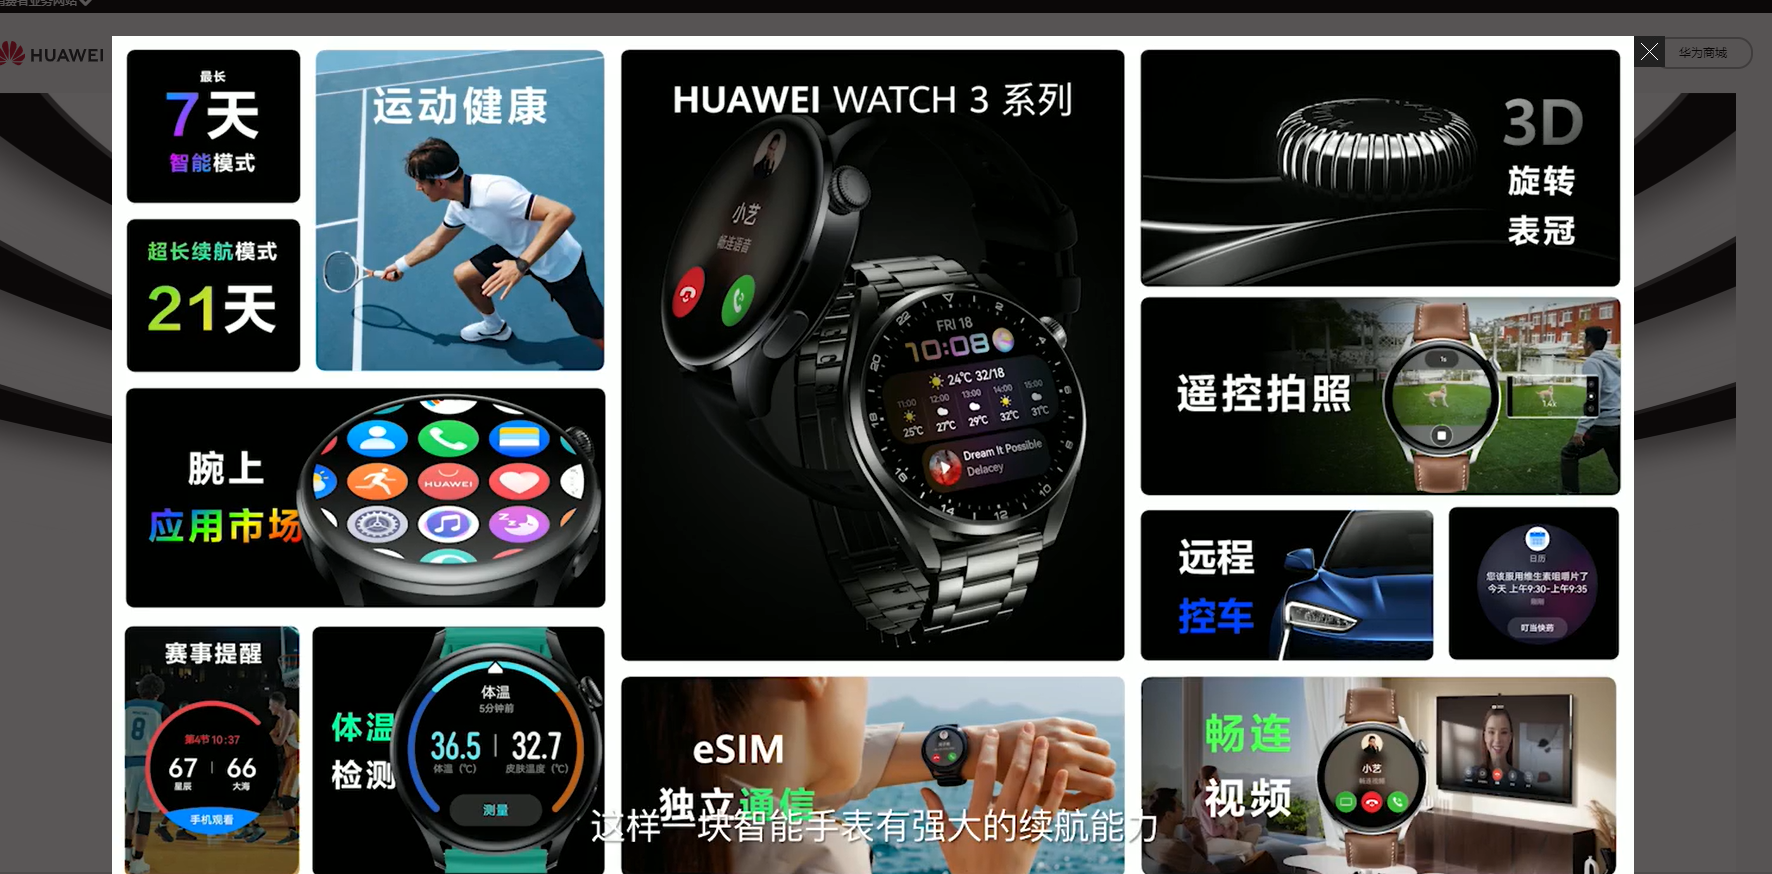 华为watch3发布新功能抢先看,华为watch3价格2599元起今日预售